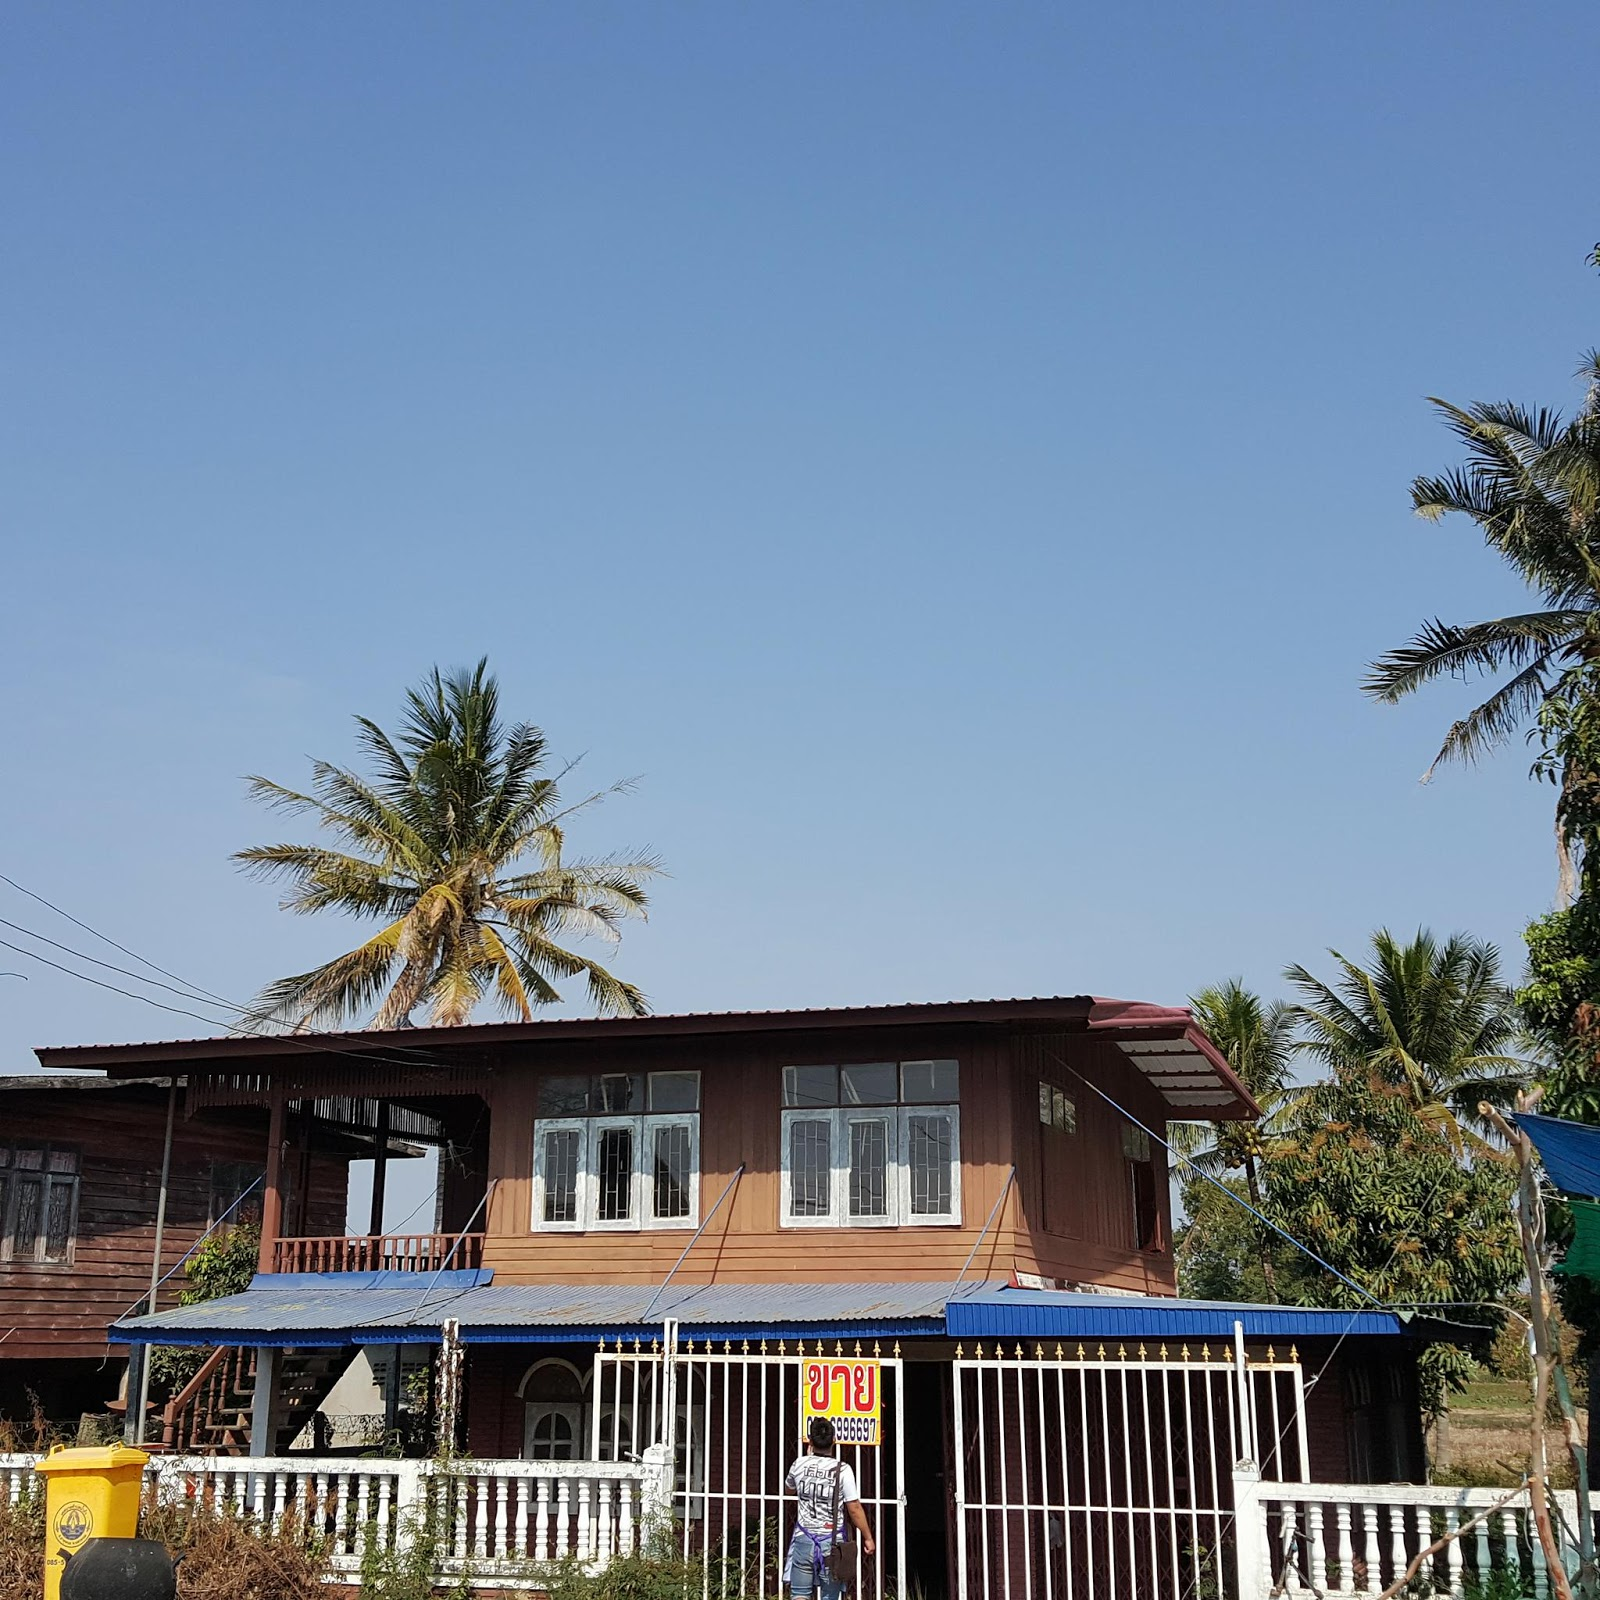 ขายบ้านเดี่ยว บ้านน้ำก่ำ ธาตุพนม นครพนม